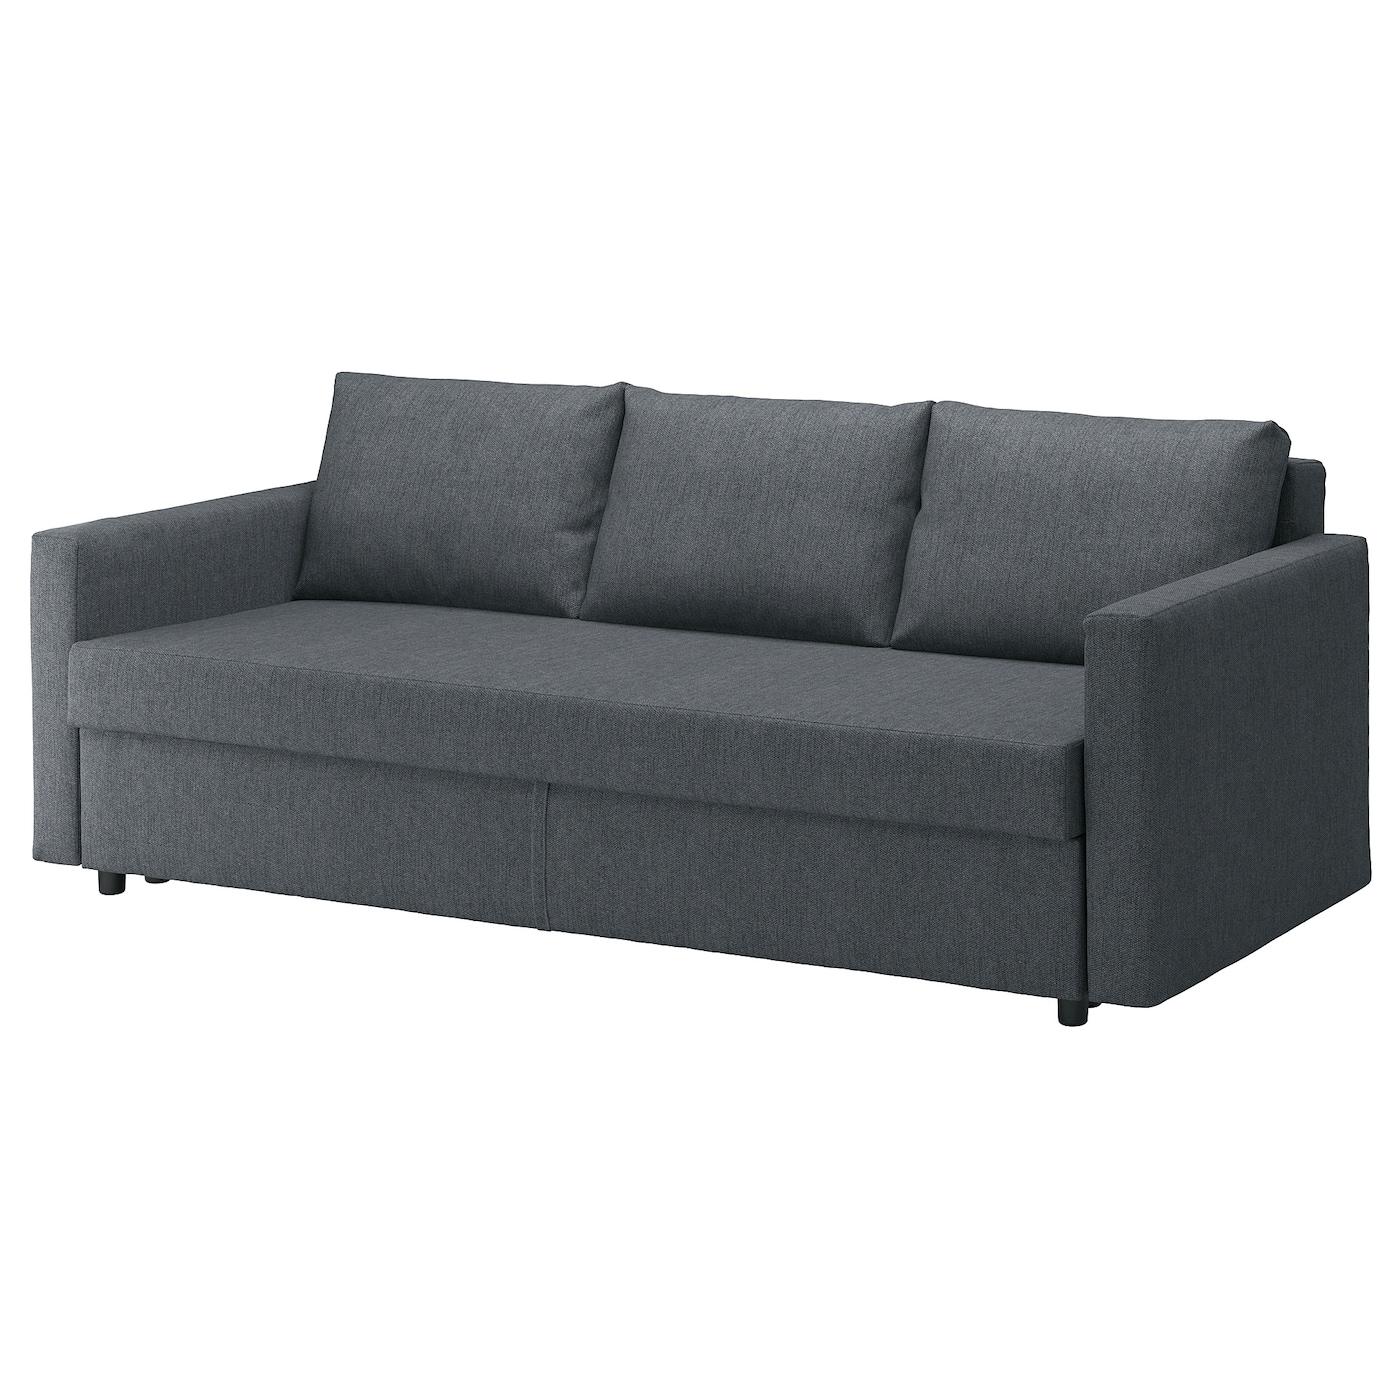 IKEA FRIHETEN Rozkładana sofa 3-osobowa, Hyllie ciemnoszary